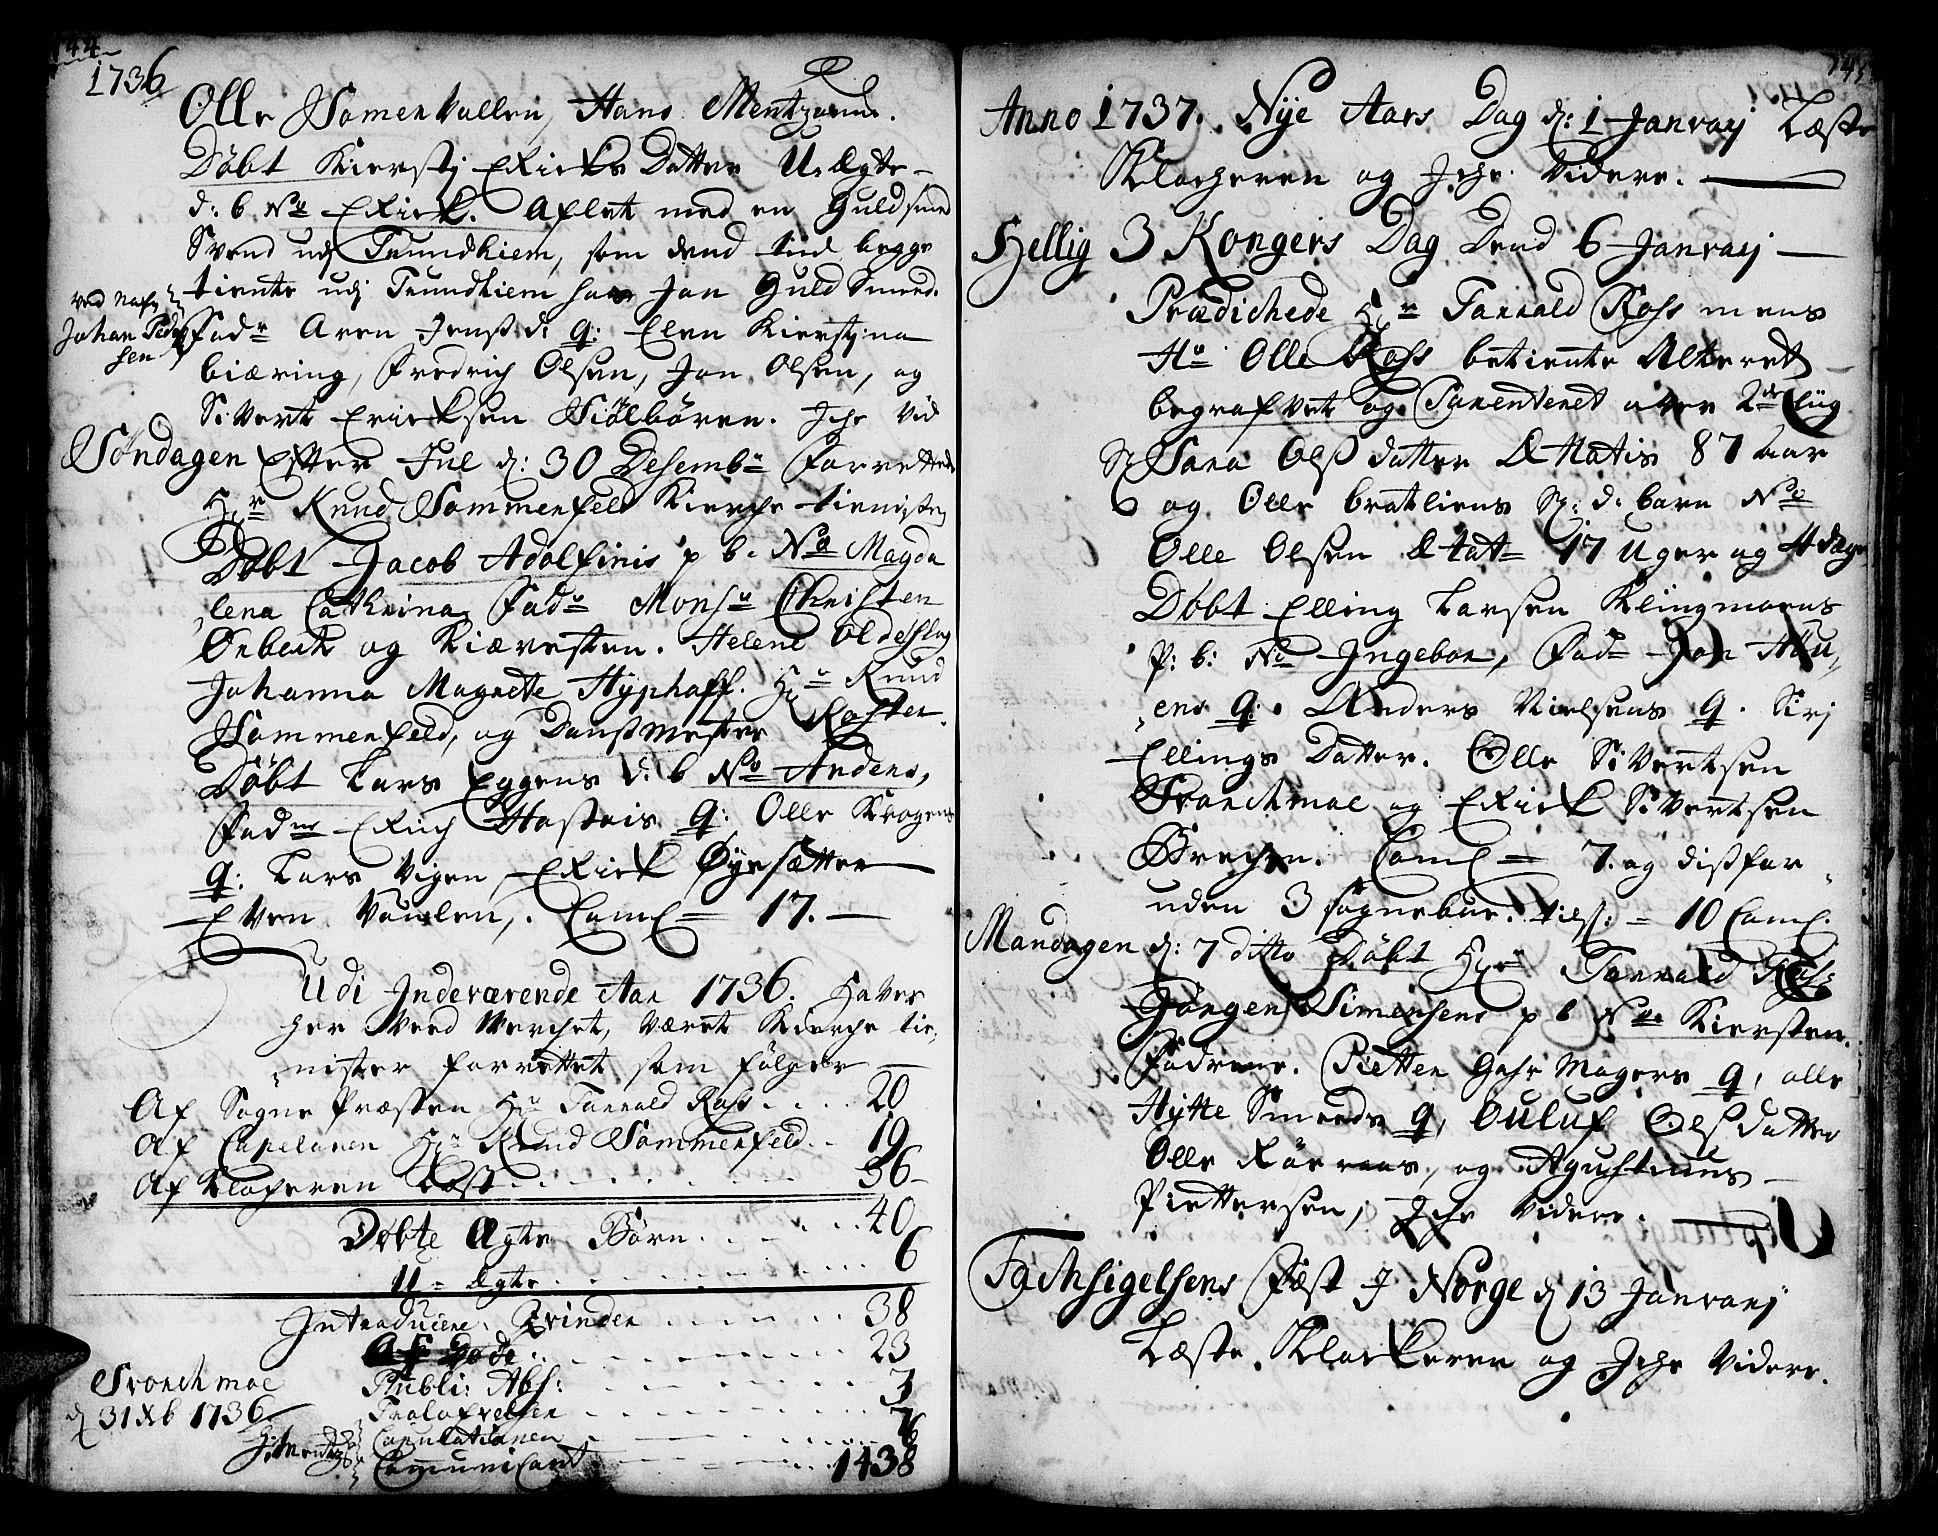 SAT, Ministerialprotokoller, klokkerbøker og fødselsregistre - Sør-Trøndelag, 671/L0839: Ministerialbok nr. 671A01, 1730-1755, s. 144-145